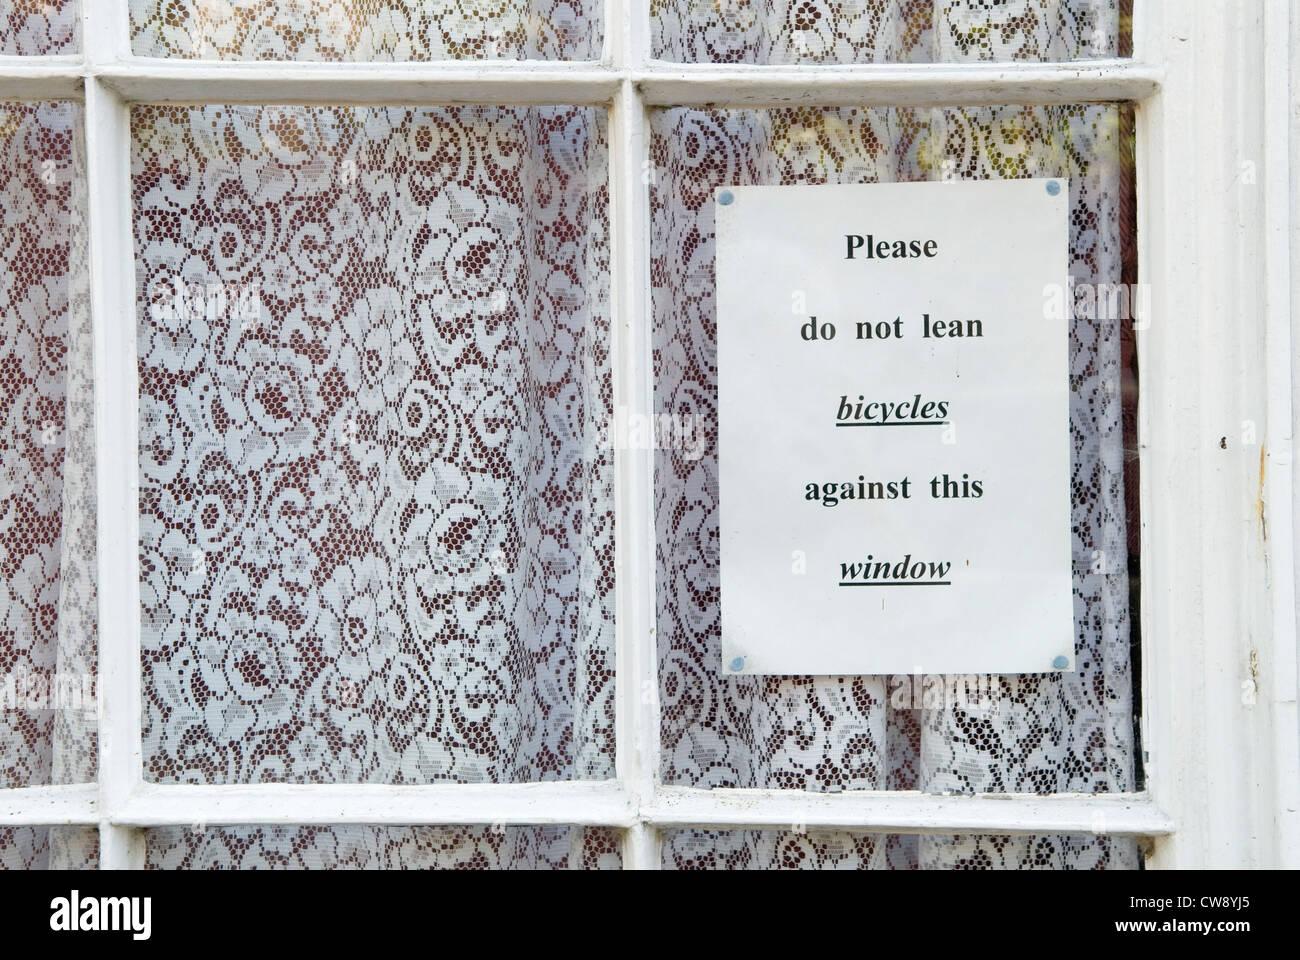 Veuillez ne pas s'appuyer contre des vélos cette fenêtre signer en maison privée dans la rue Photo Stock